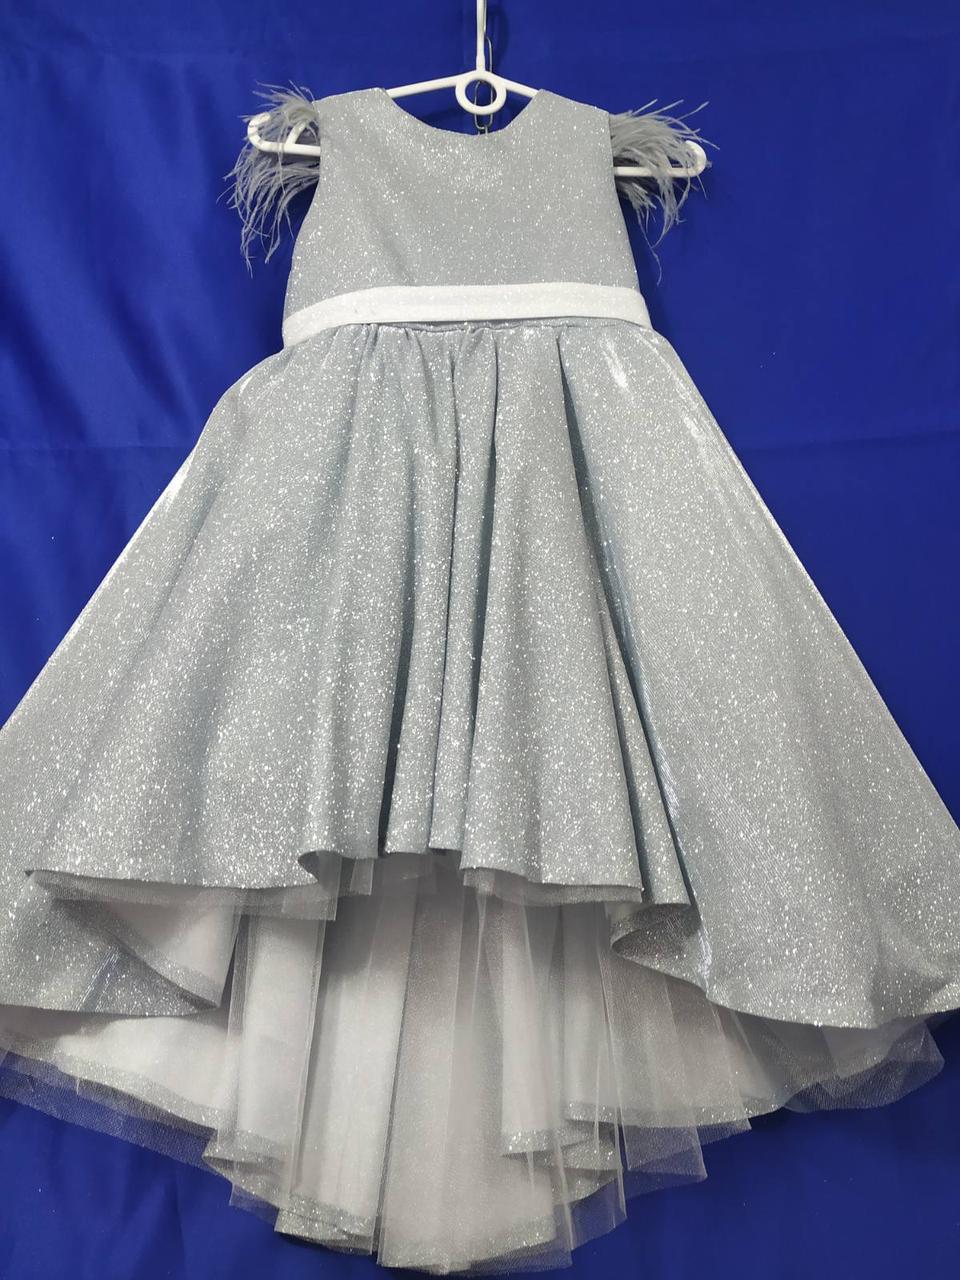 Нарядное платье Люрекс со шлейфом для девочки на 5-8 лет